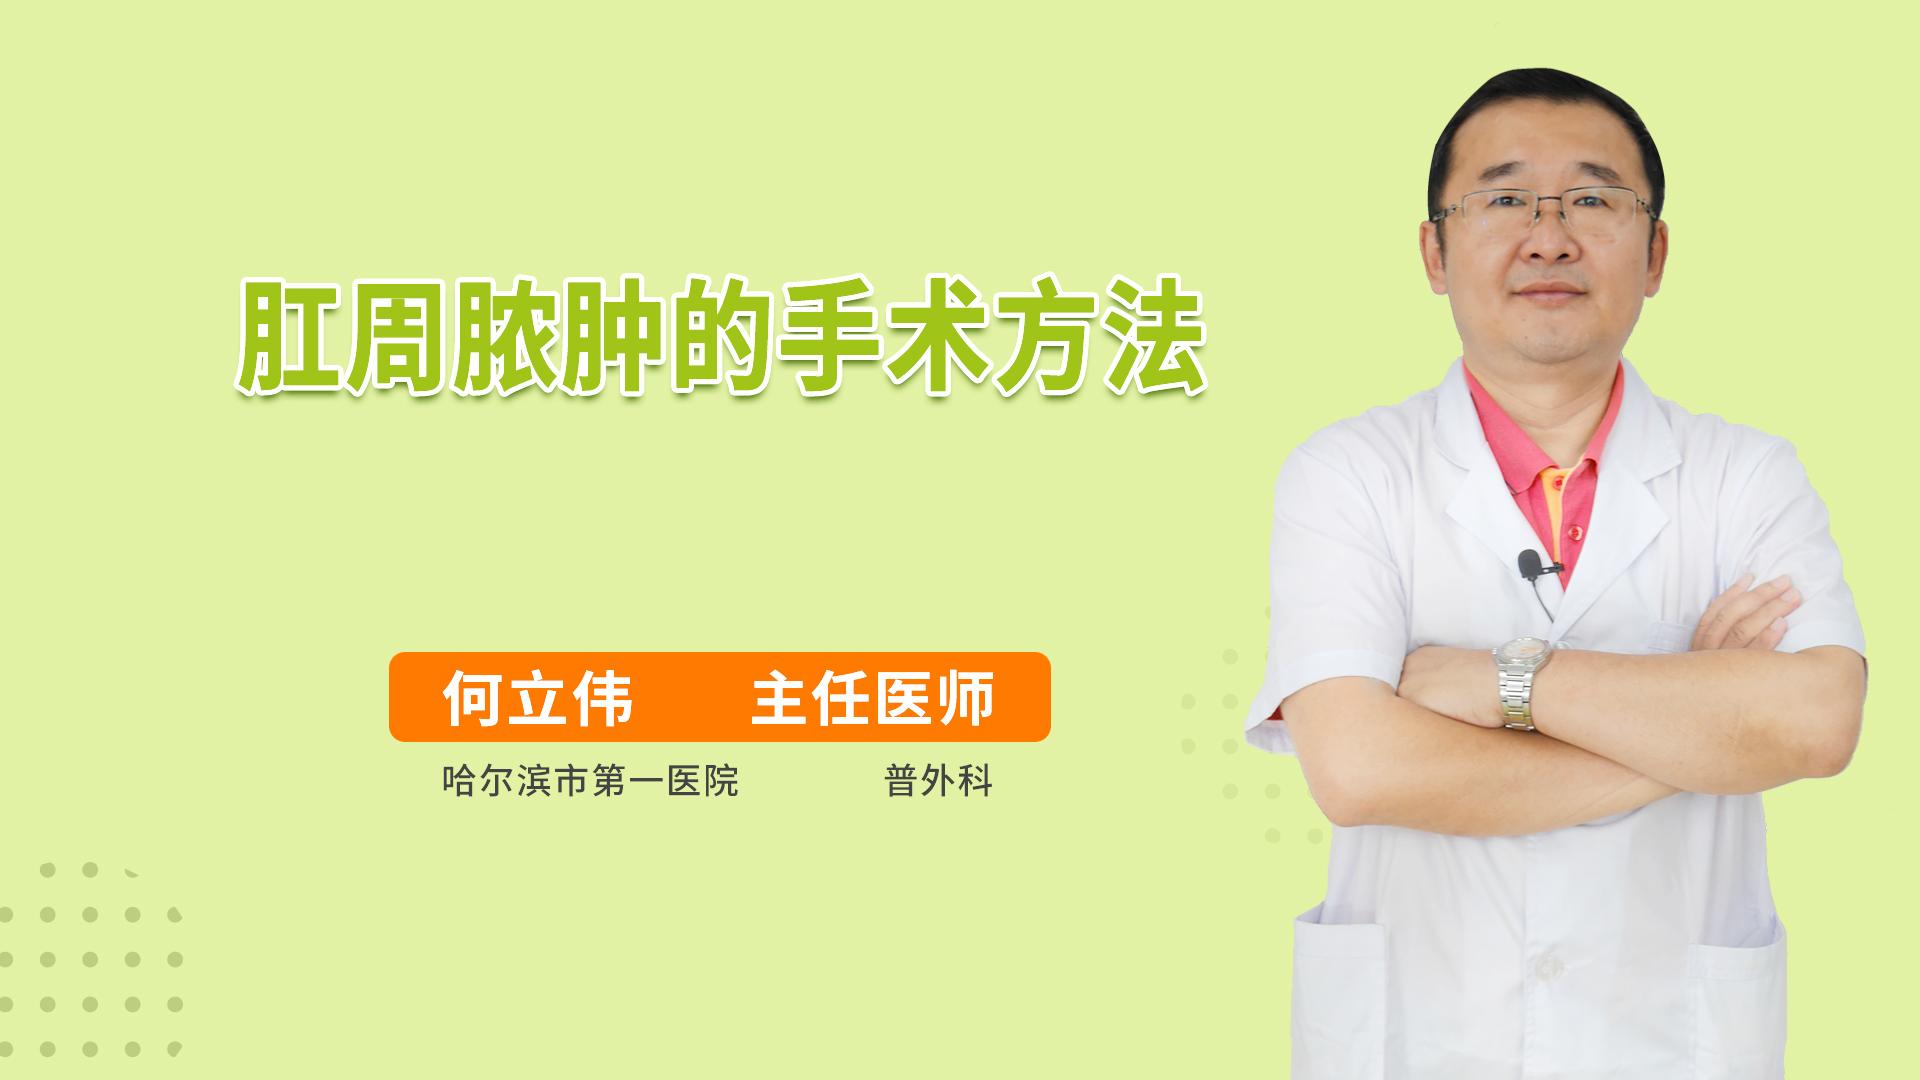 肛周脓肿的手术方法